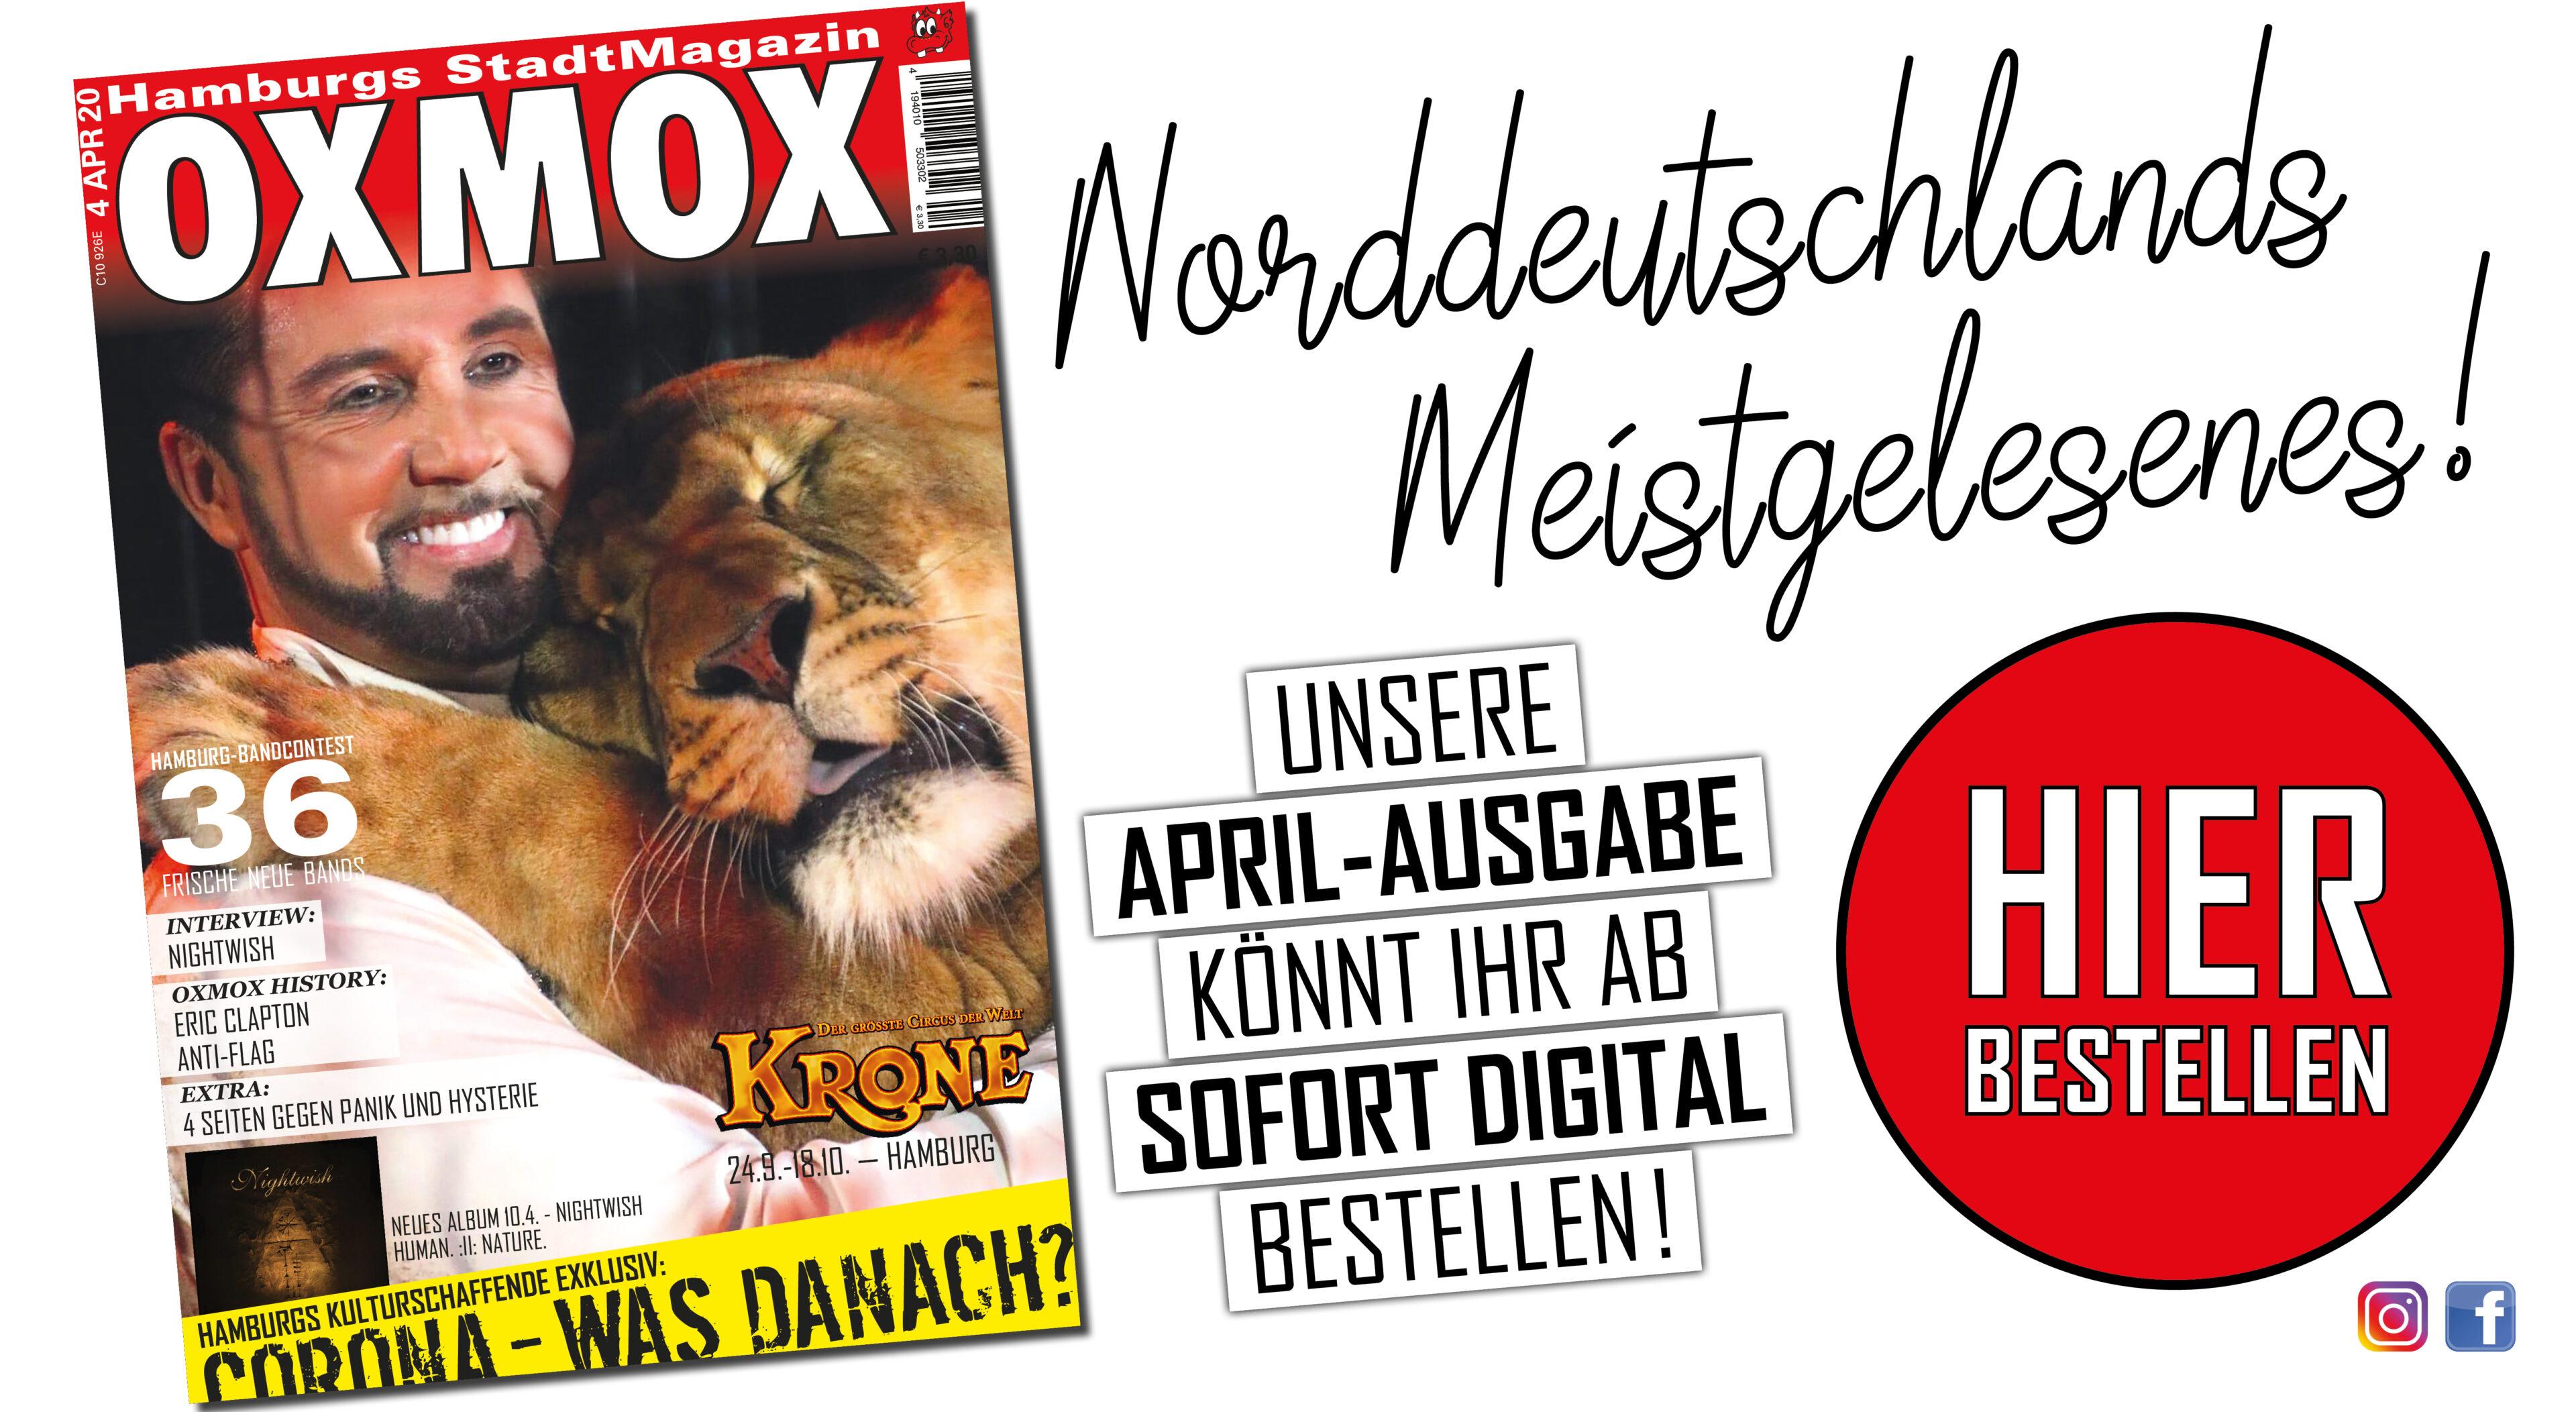 OXMOX Ausgabe 0420 1536x384 1 scaled - OXMOX Ausgabe April 2020